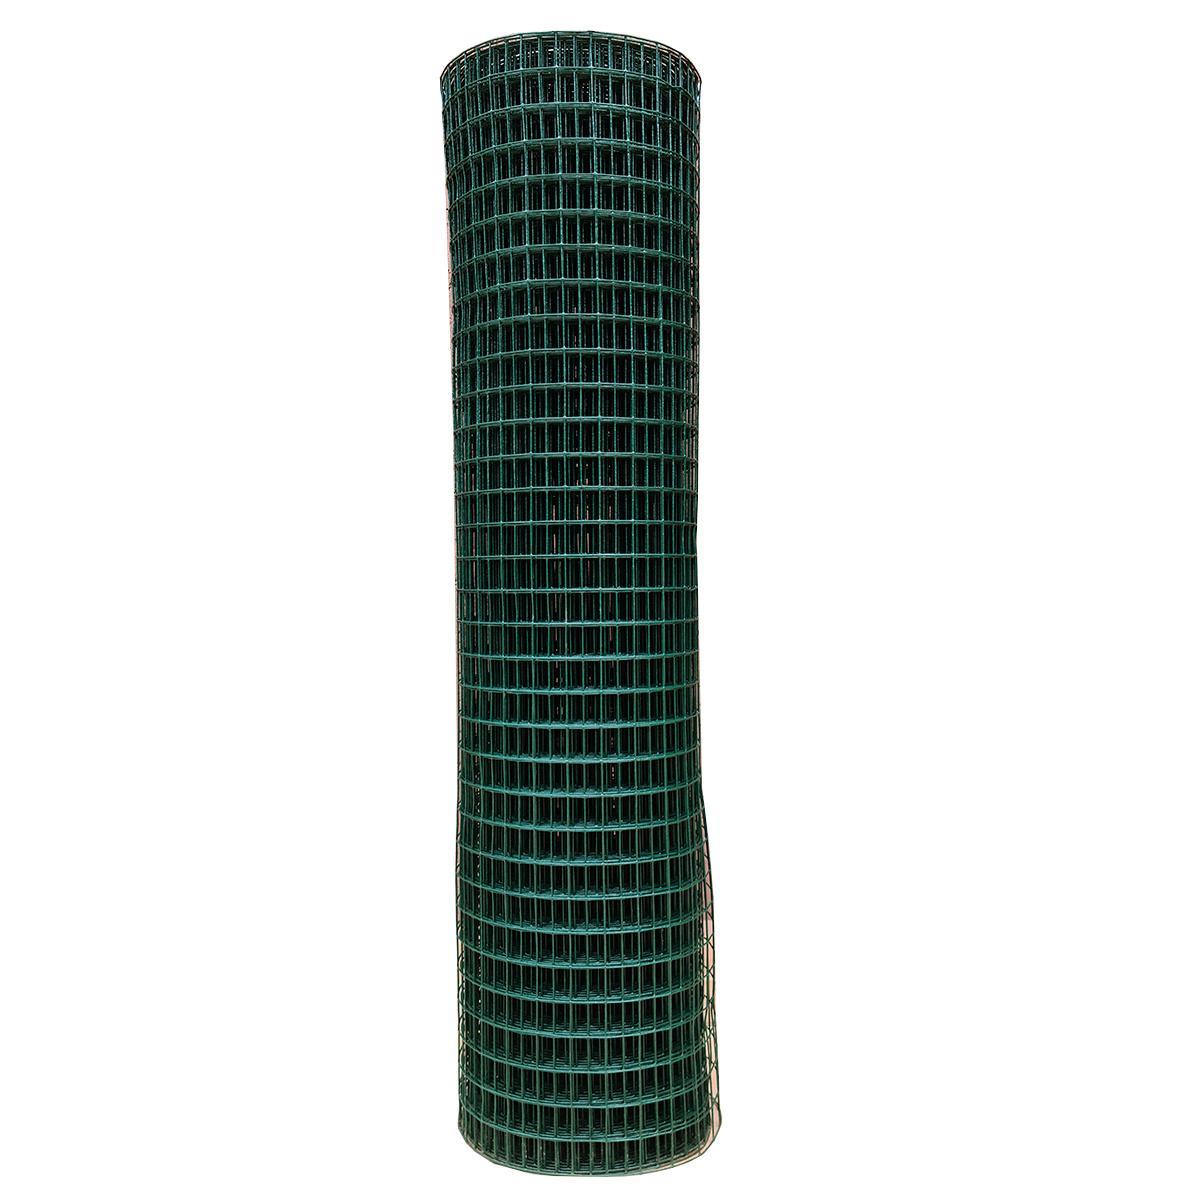 Tela Revestida PVC Alambrado cerca malha 3x3  2.2 mm 1,0 Altura 18M de comprimento